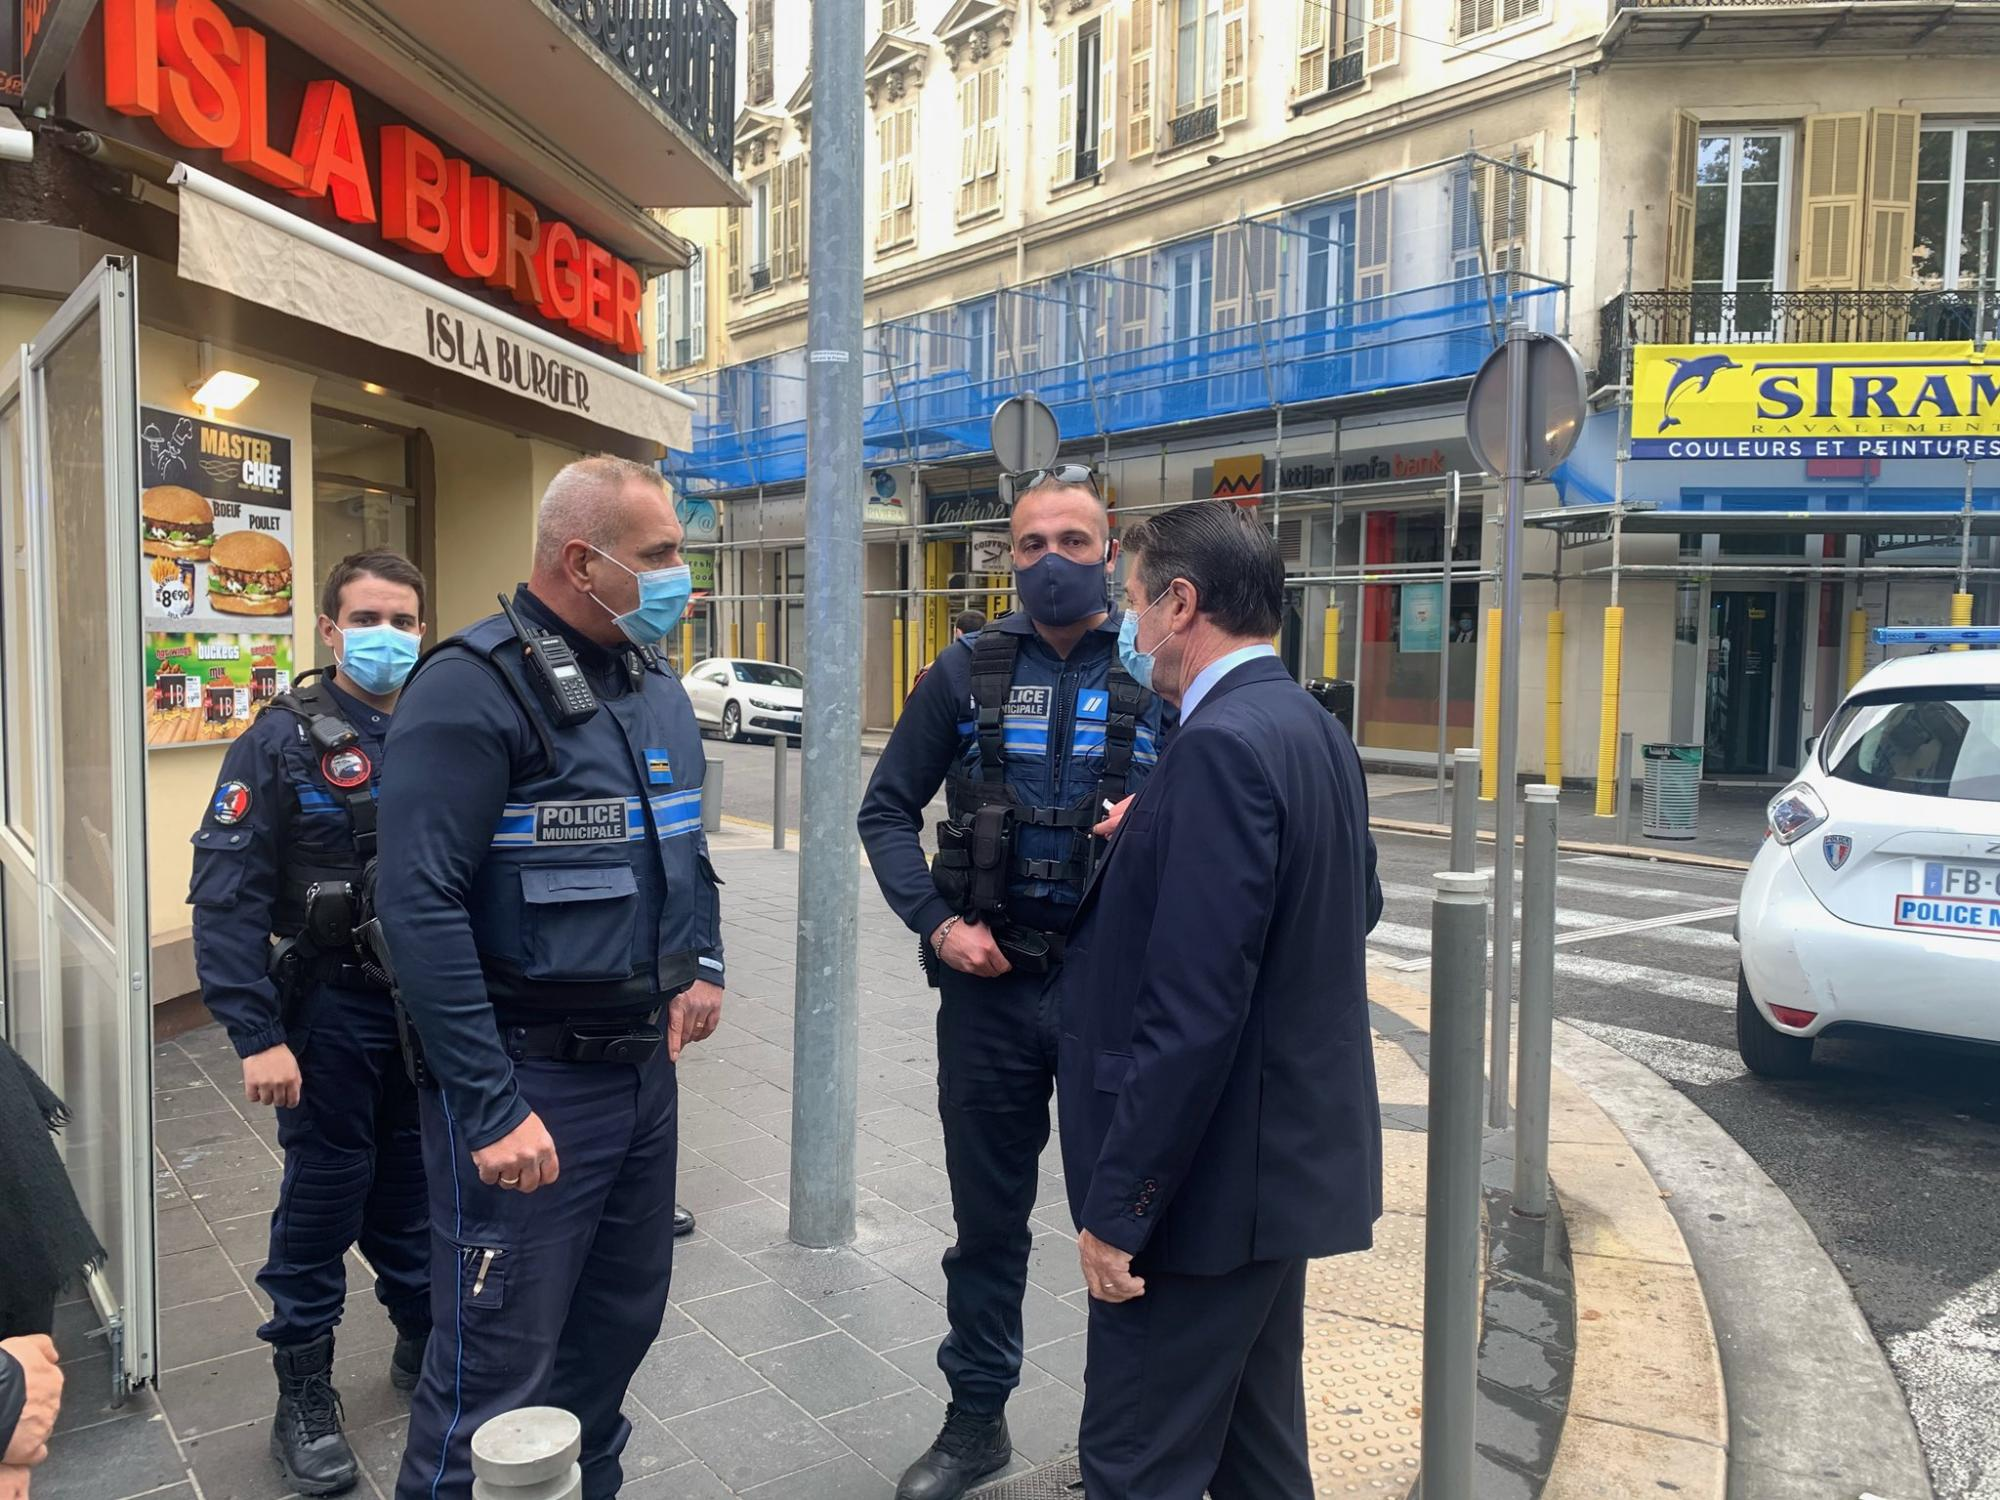 Теракт в Ніцці і напад на поліцейських: що зараз відбувається у Франції